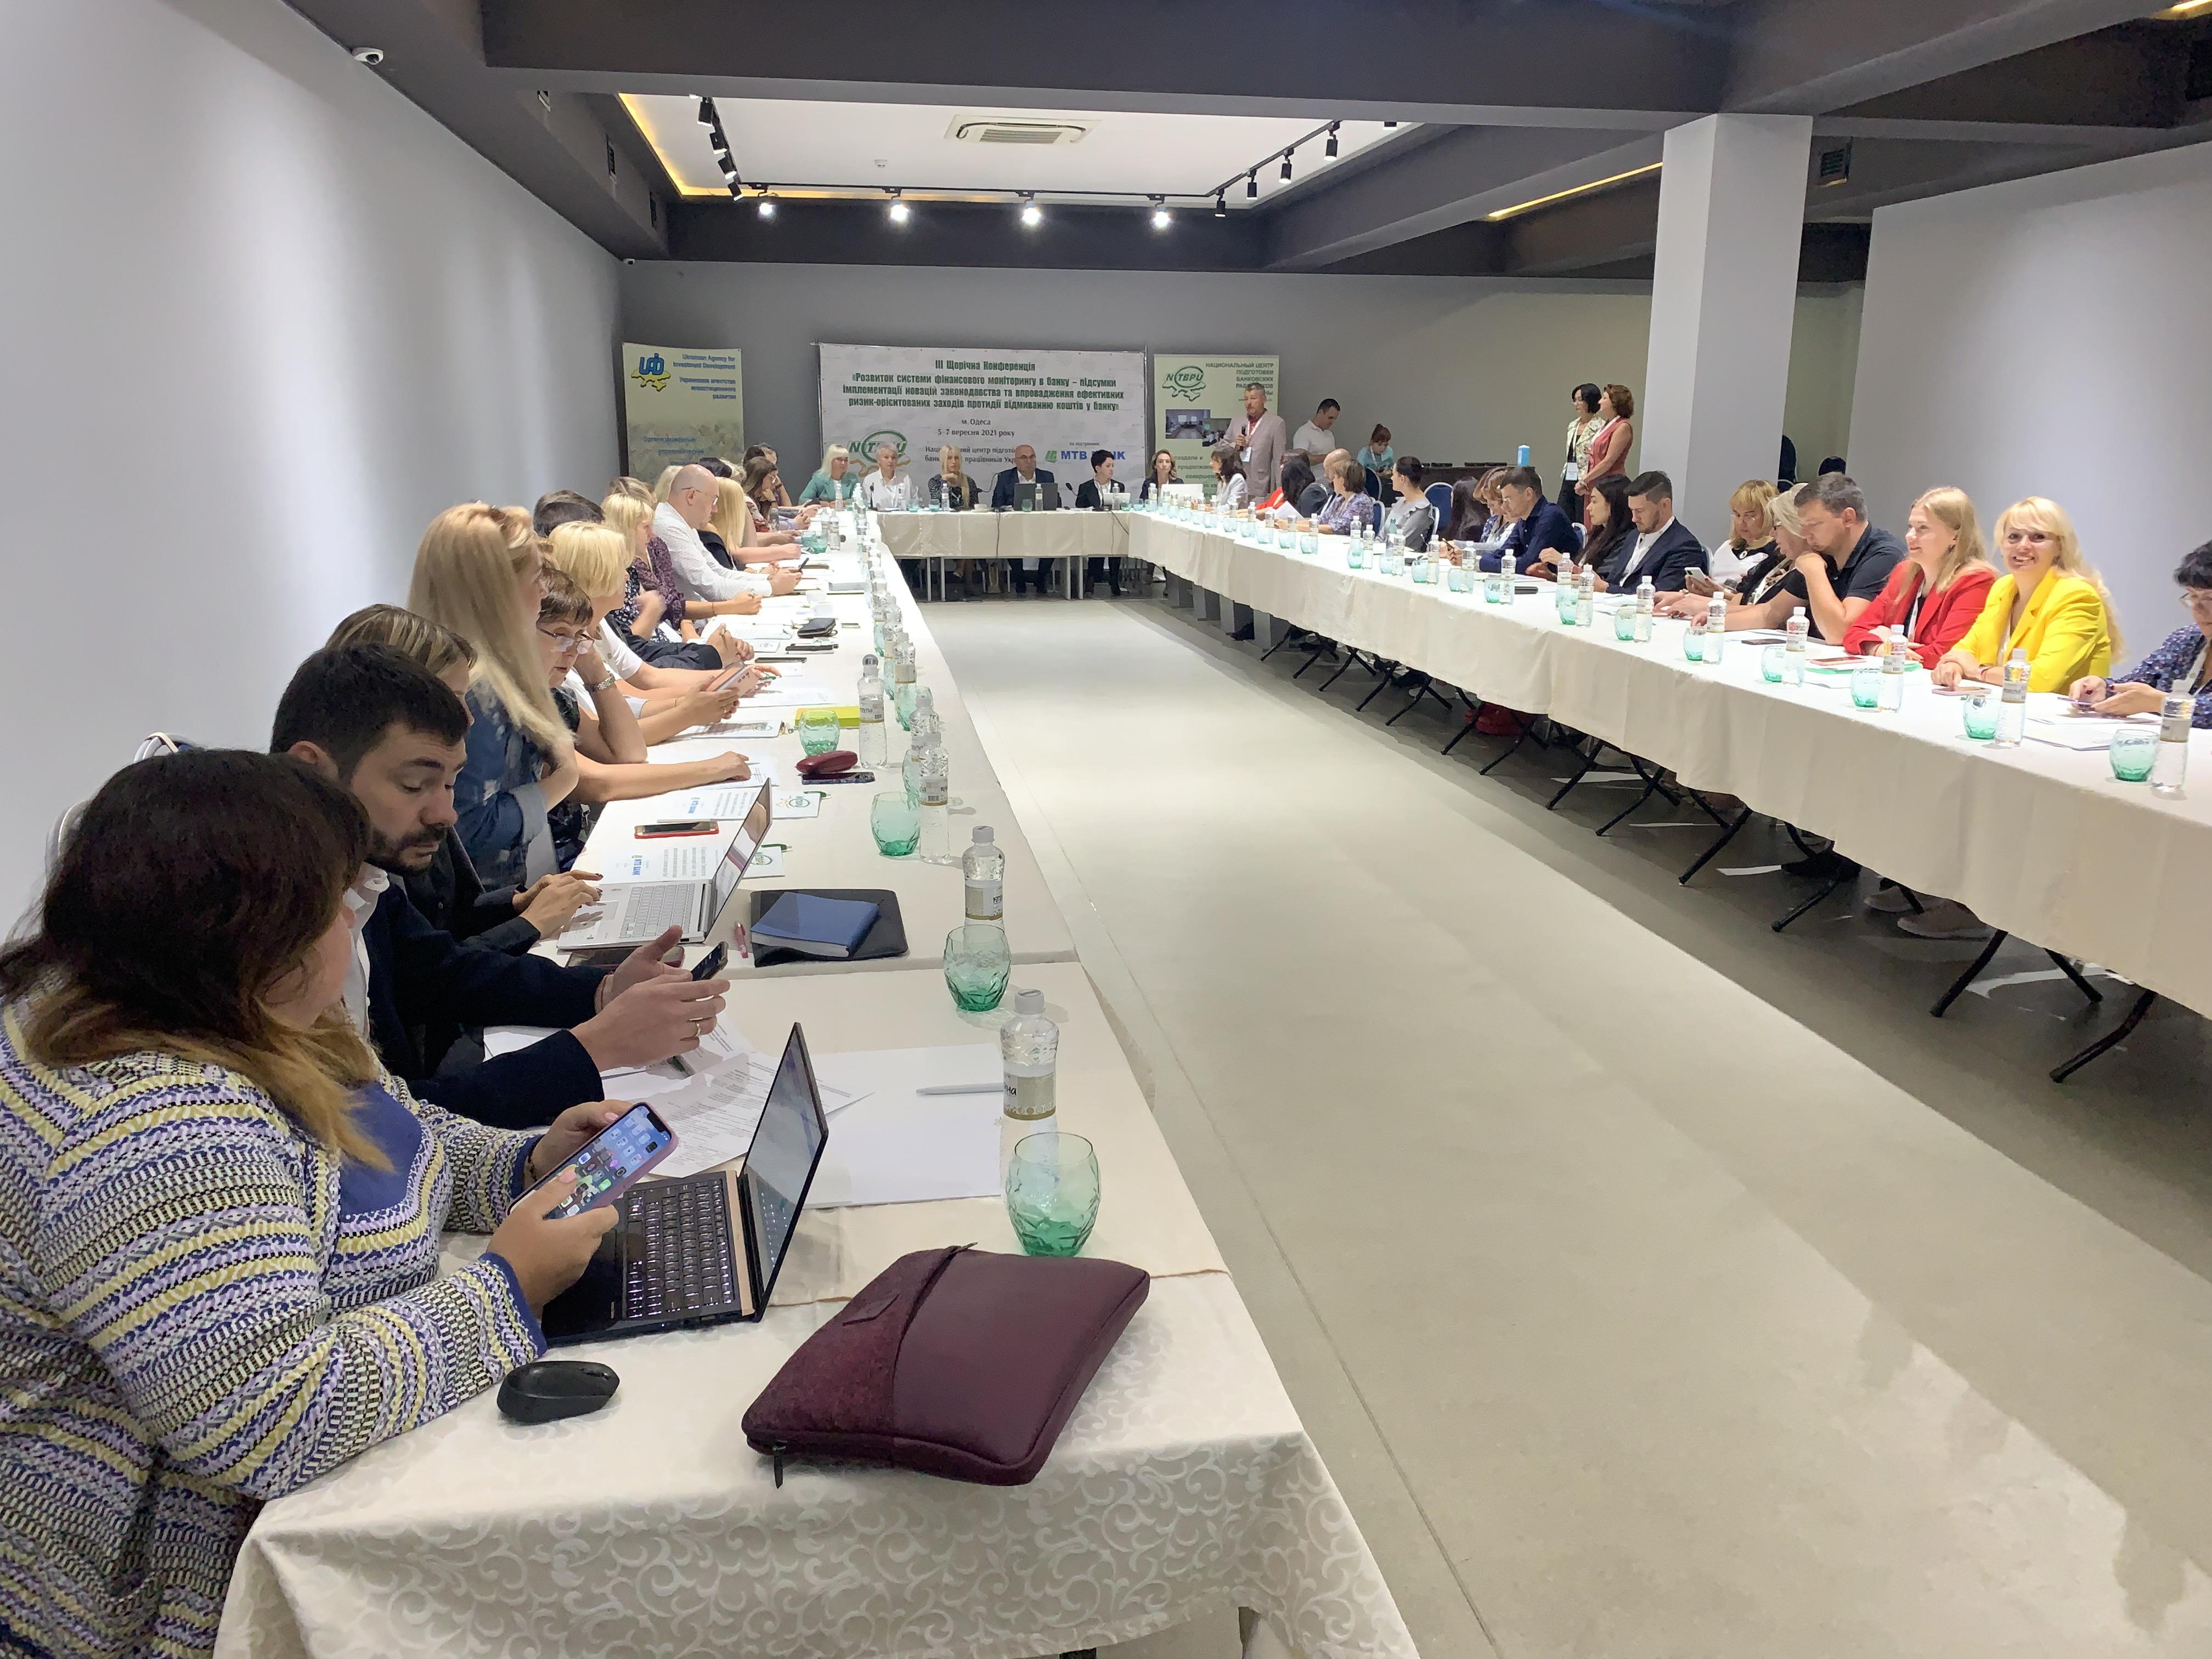 Підписано Меморандум між «ПАТ «МТБ БАНК» та Національним центром підготовки банківських працівників України - фото 3 - mtb.ua